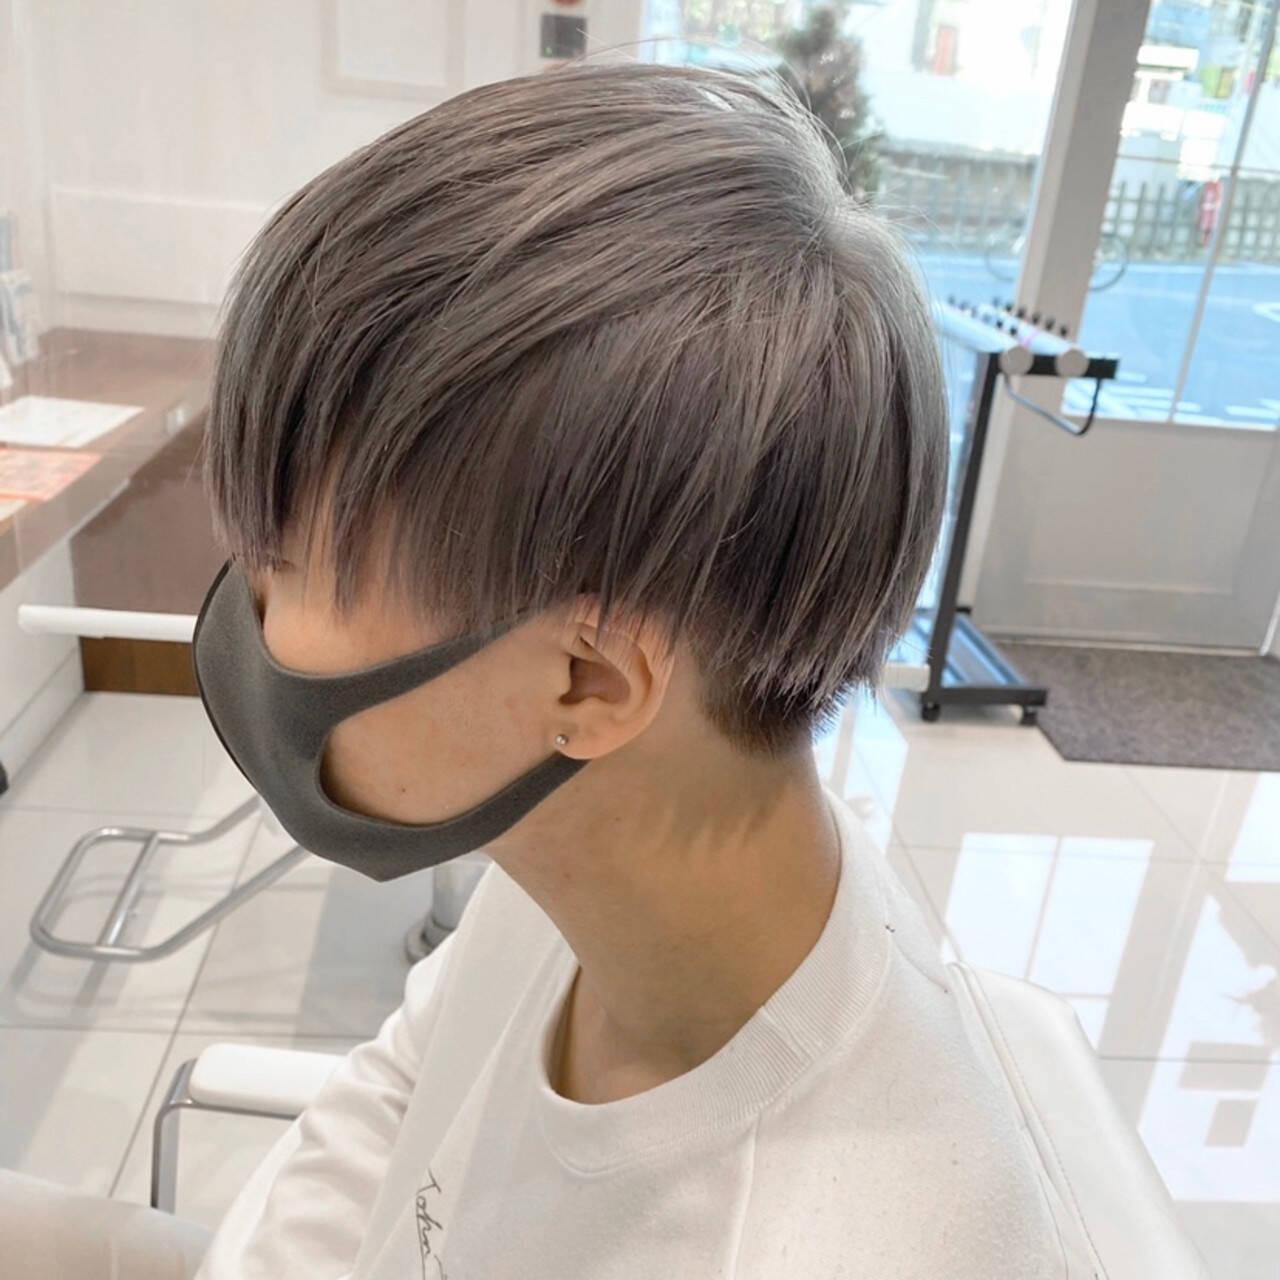 シルバーグレー シルバーグレージュ シルバーアッシュ シルバーヘアスタイルや髪型の写真・画像